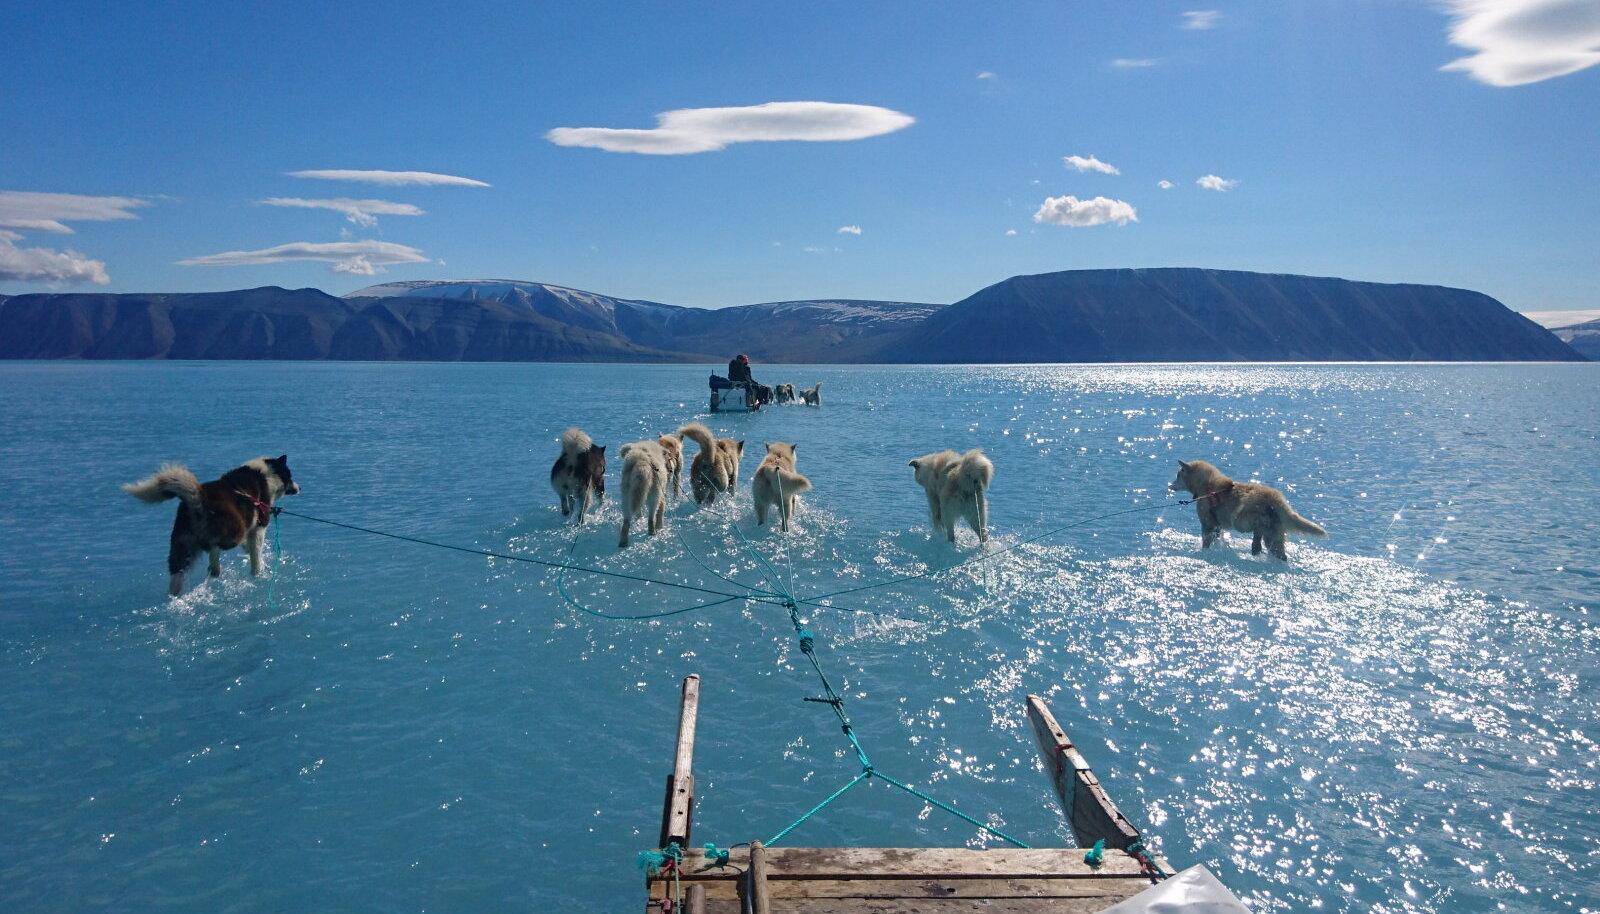 Koerad vedamas kelku merejääl läbi jää sulamisest tekkinud vee. See pilt tehti juunis, kui Gröönimaa sulamine esimest korda muret tekitas